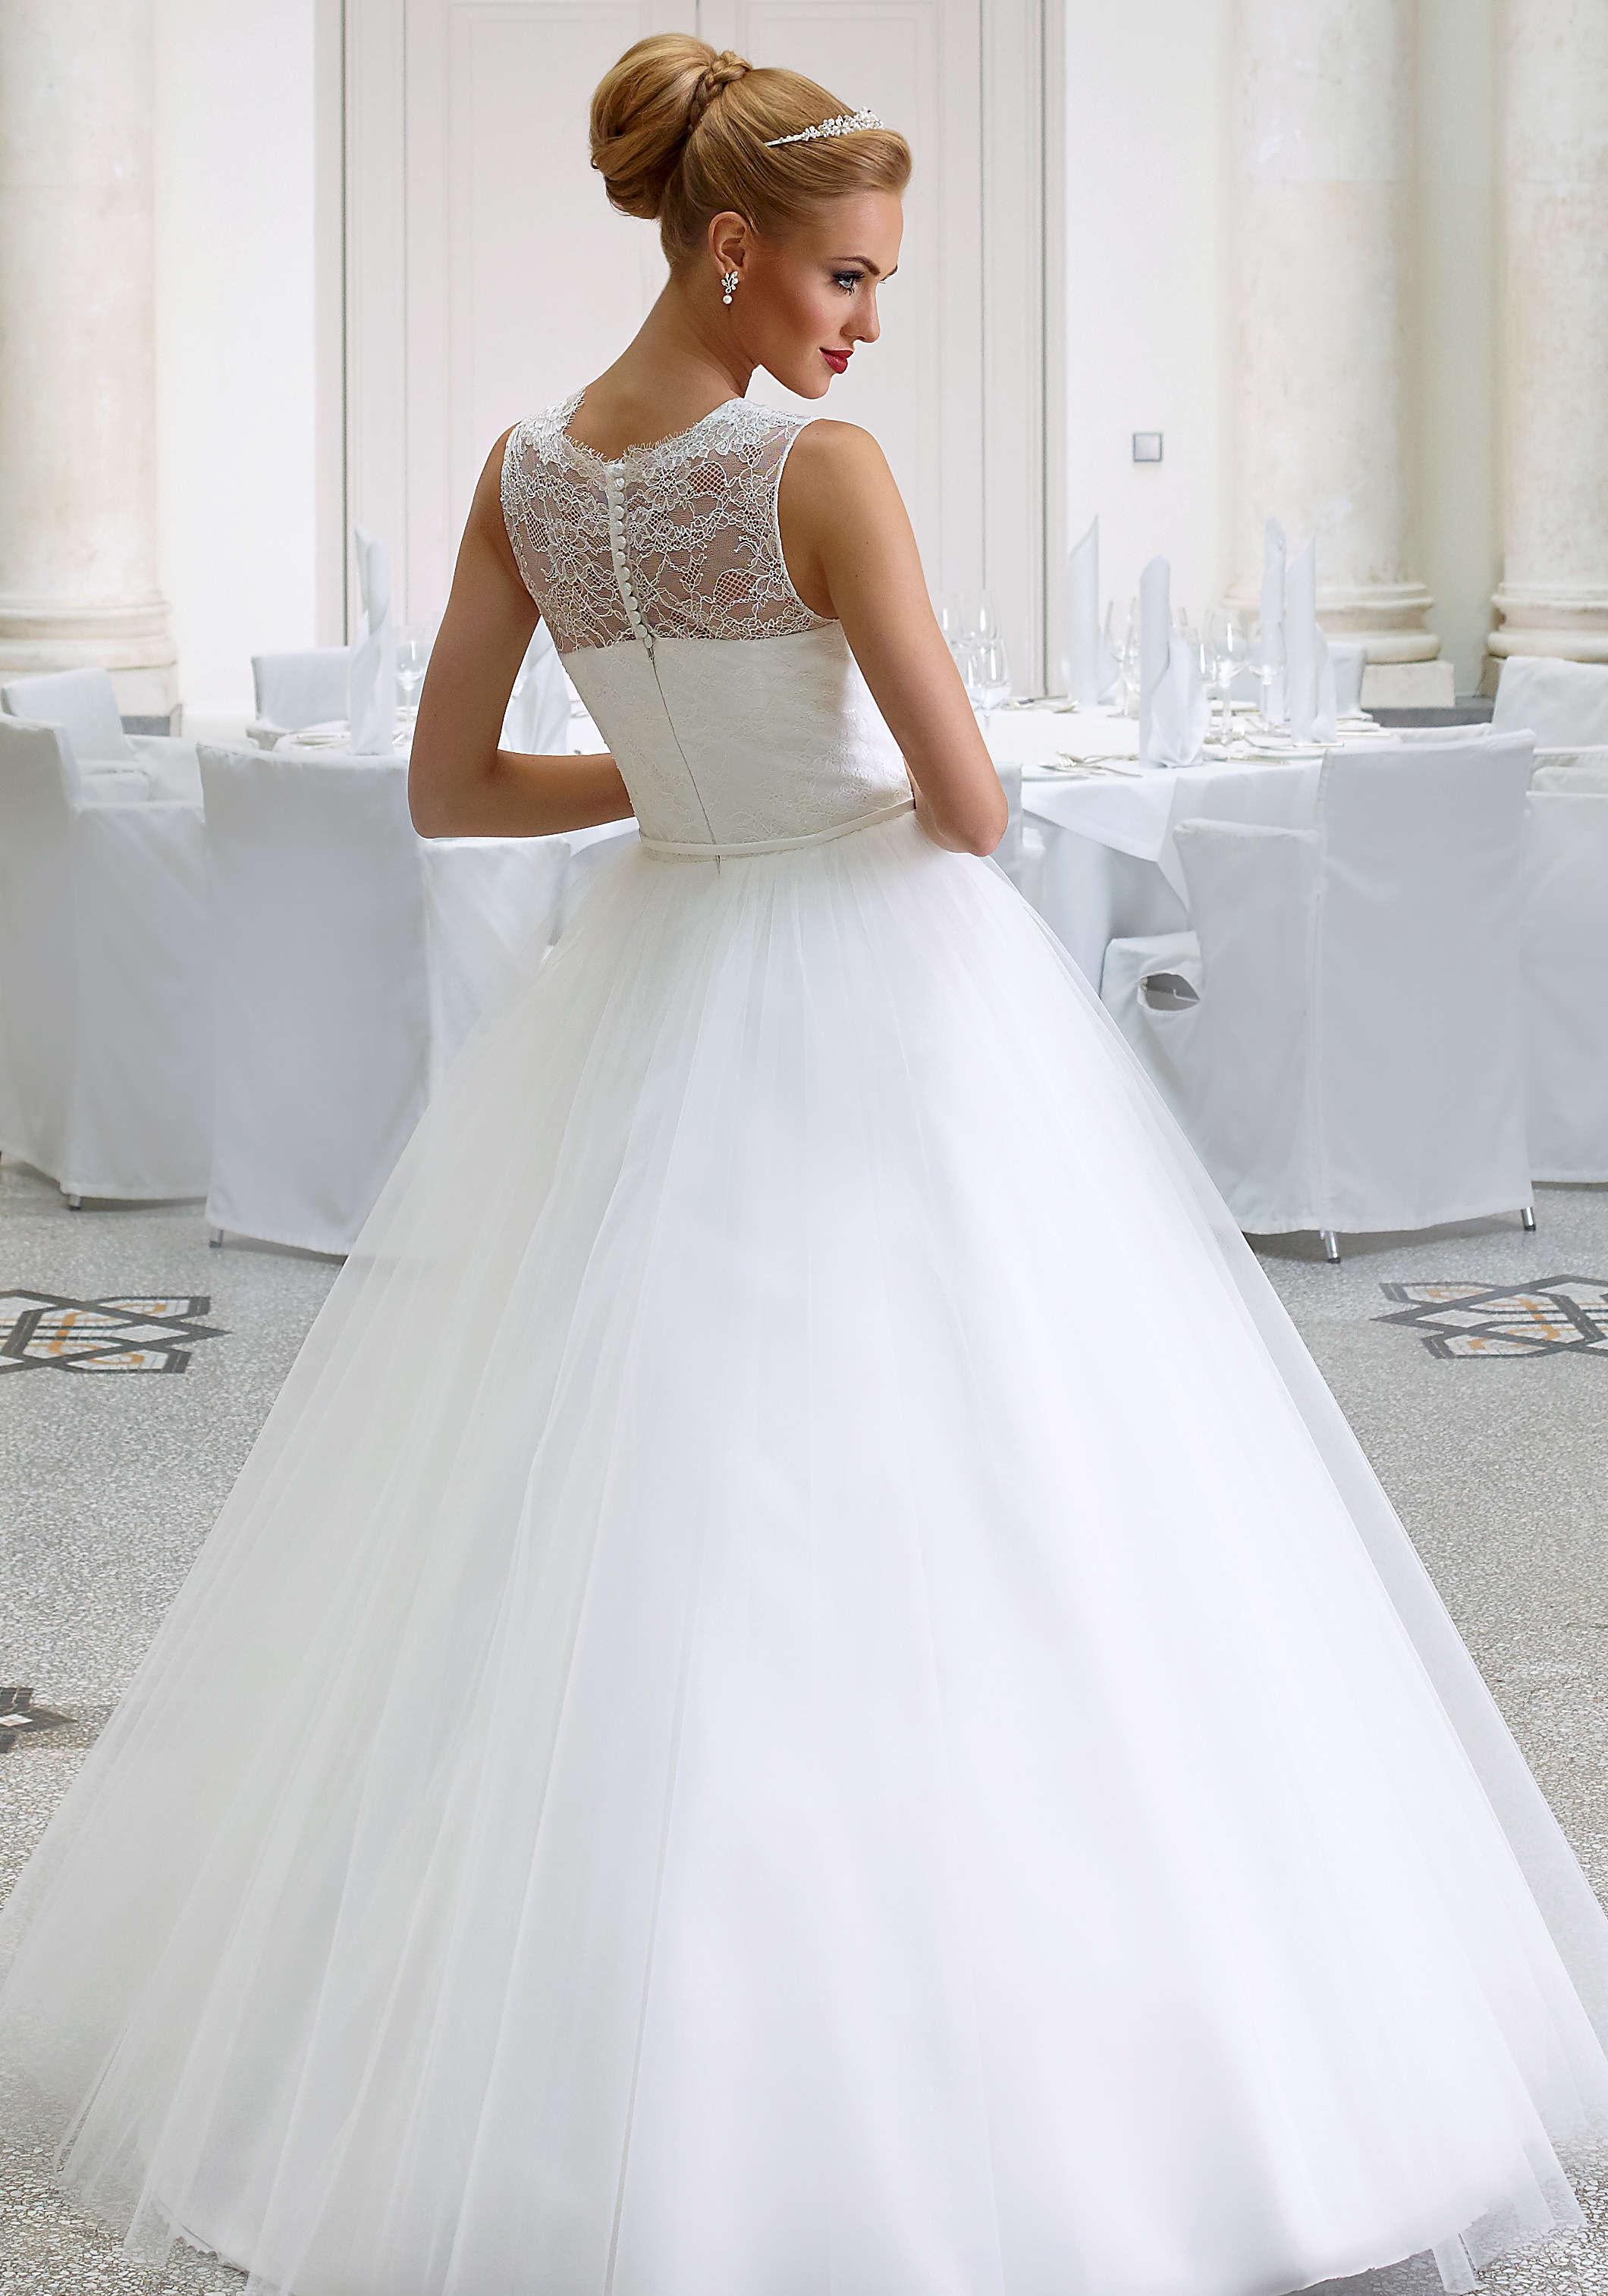 Robes princesse l atelier de la mari e mariage for Boutiques de robe de mariage charleston